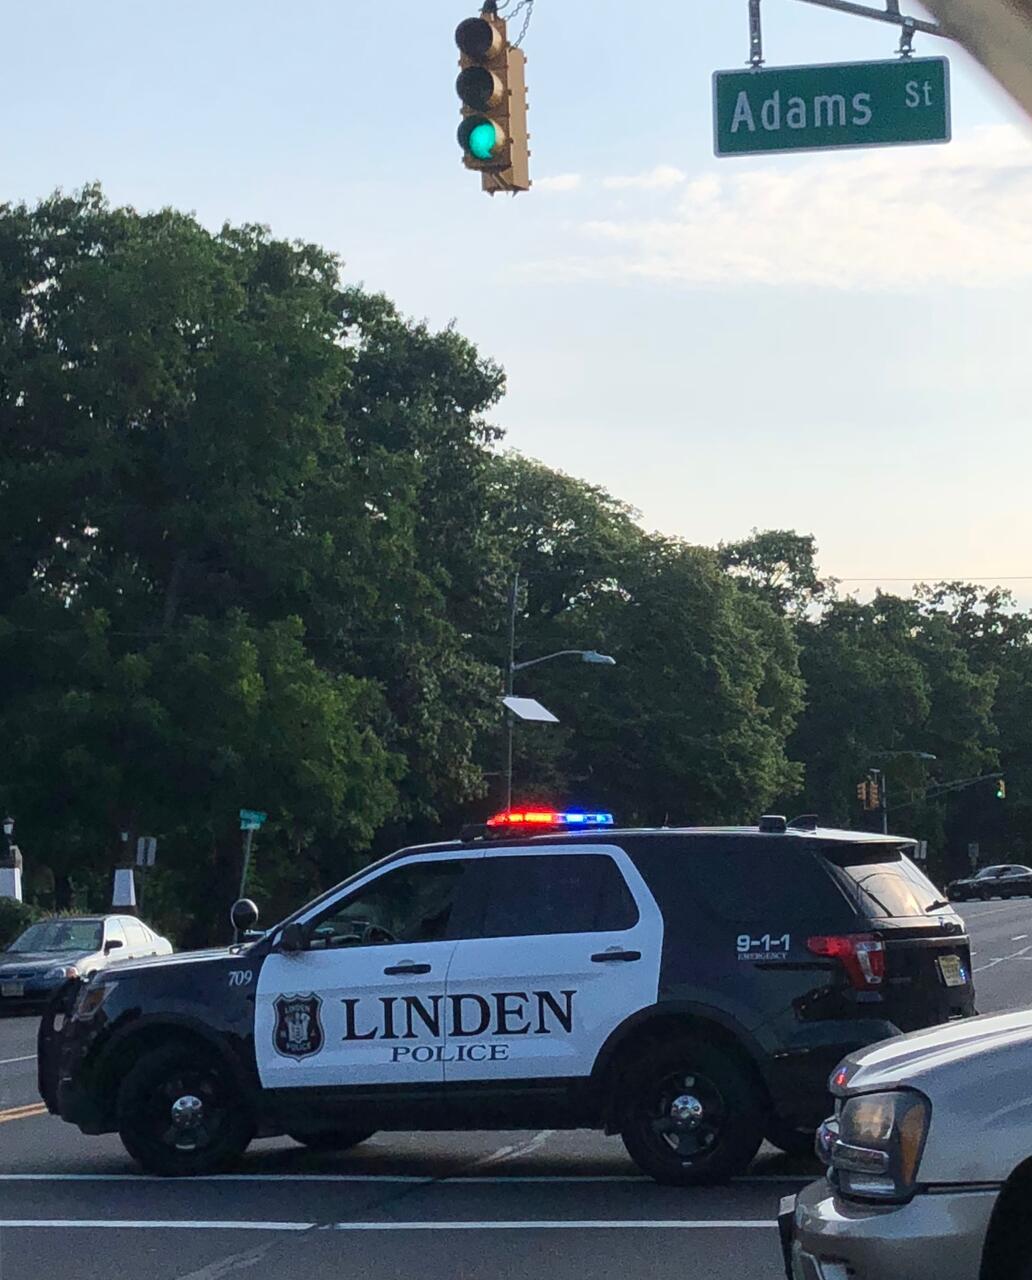 Developing Linden Nj Motorcycle Crash Causes Injuries In Linden